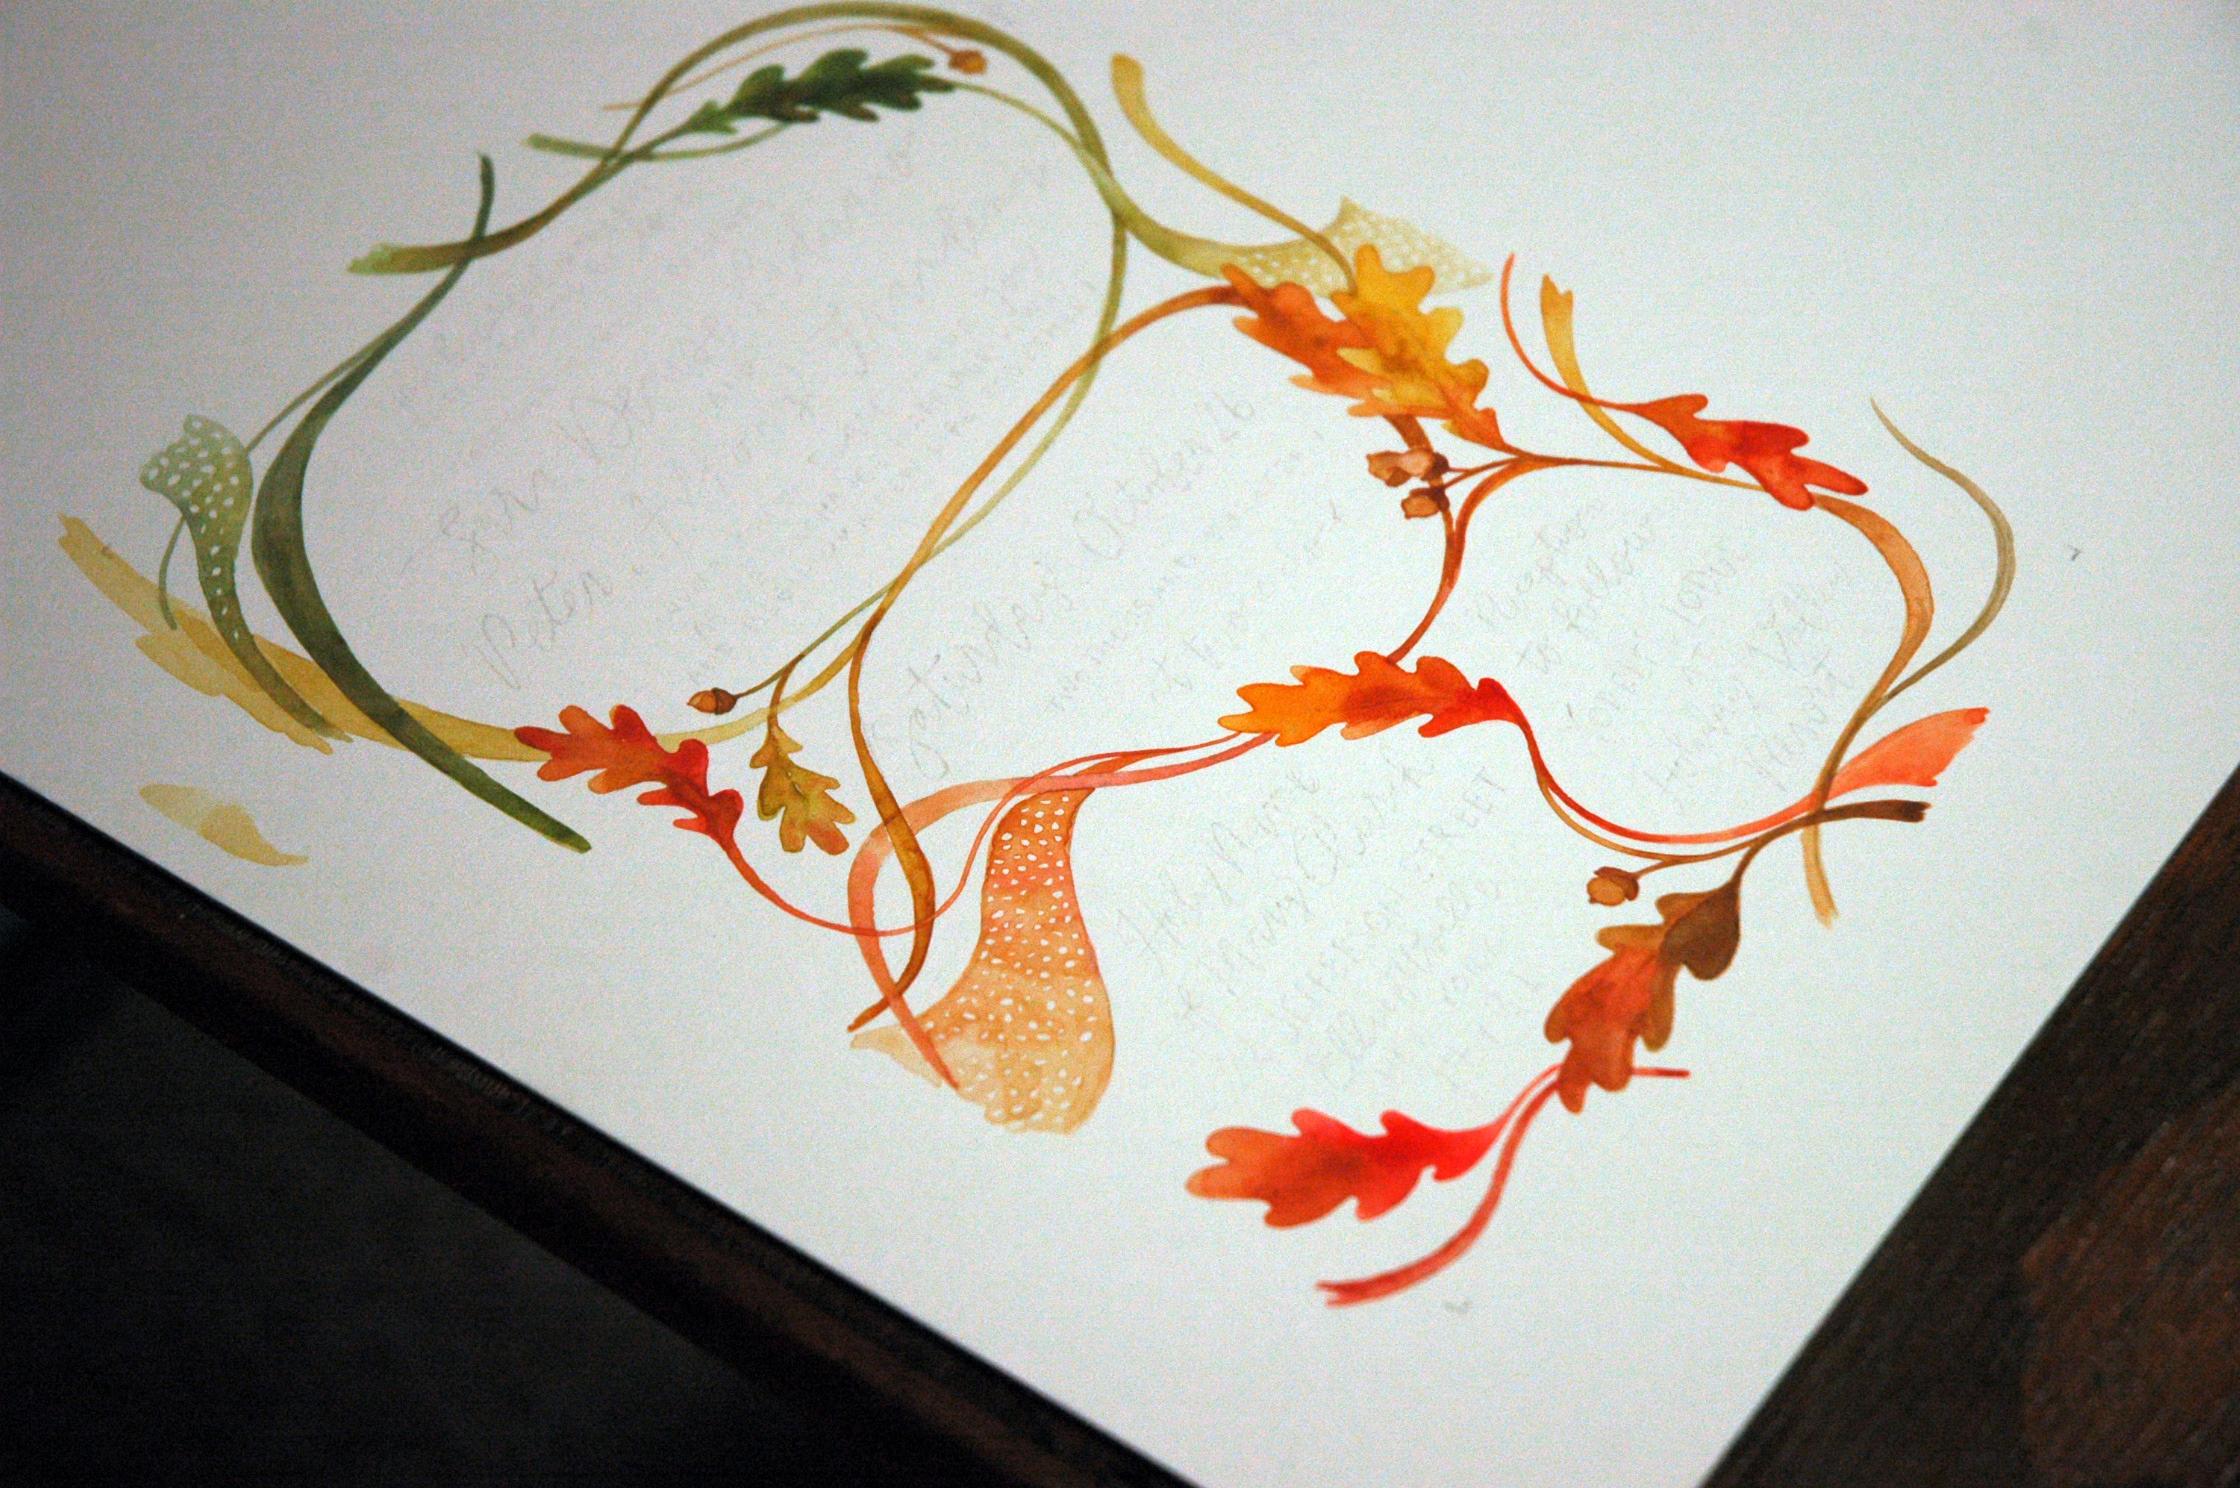 pete-sara-leaves.JPG